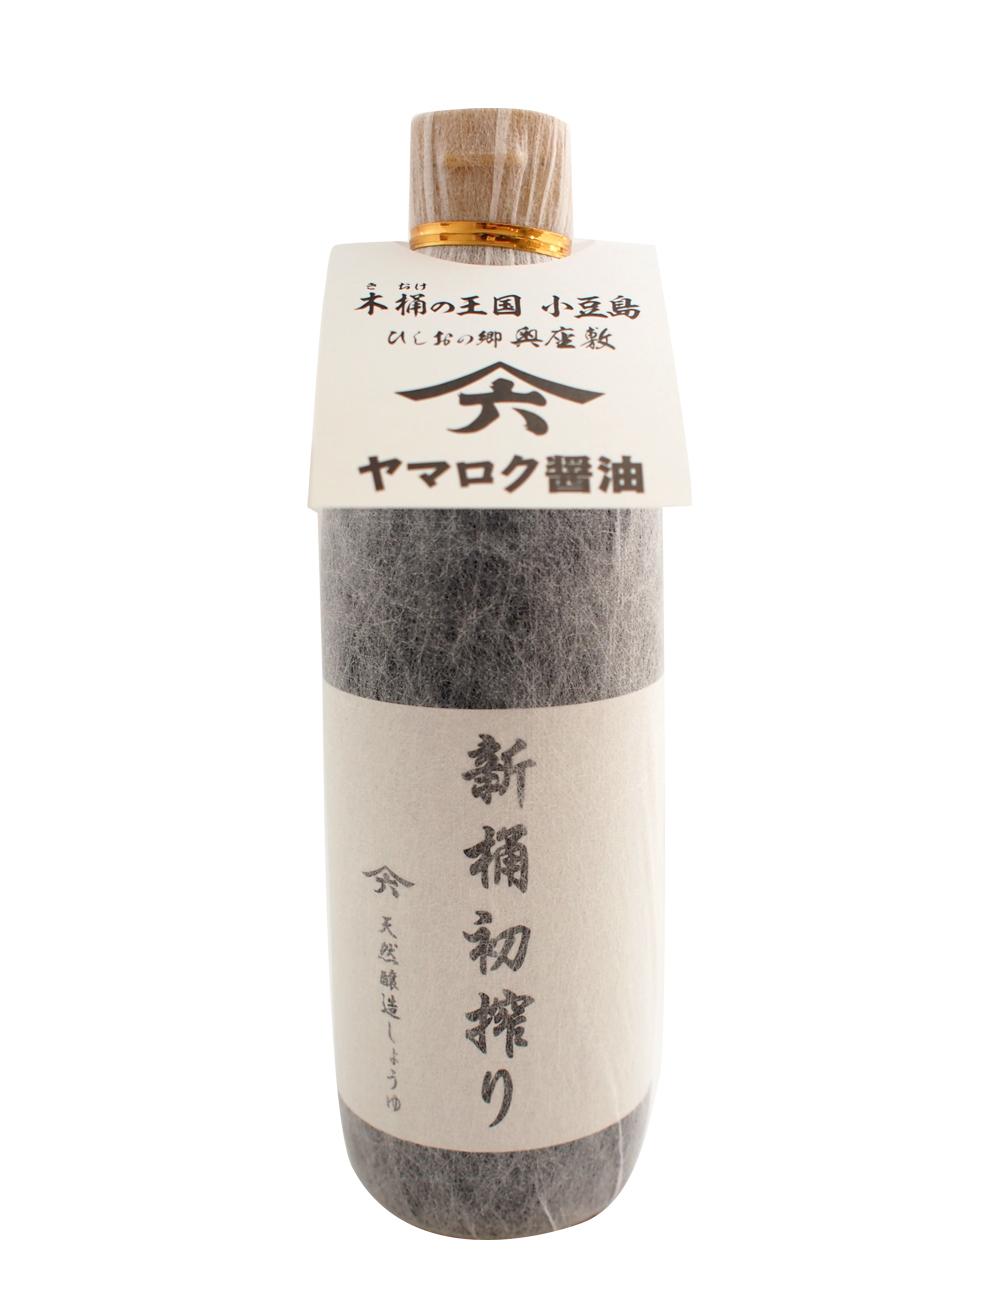 【限定品】ヤマロク醤油 新桶初搾2015